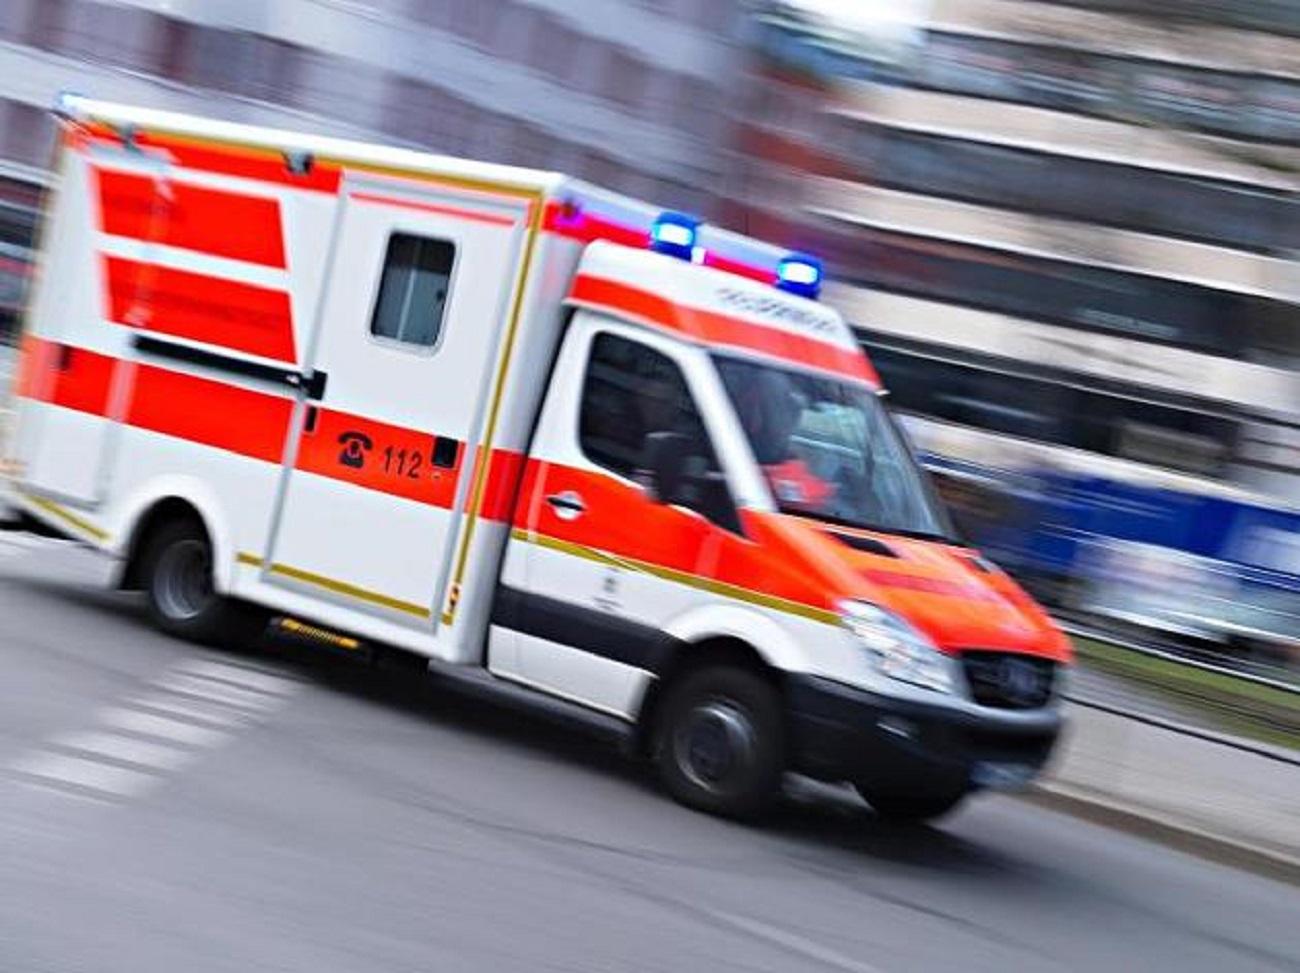 Под Рязанью 18-летняя девушка-водитель погибла встолкновении с грузовым автомобилем